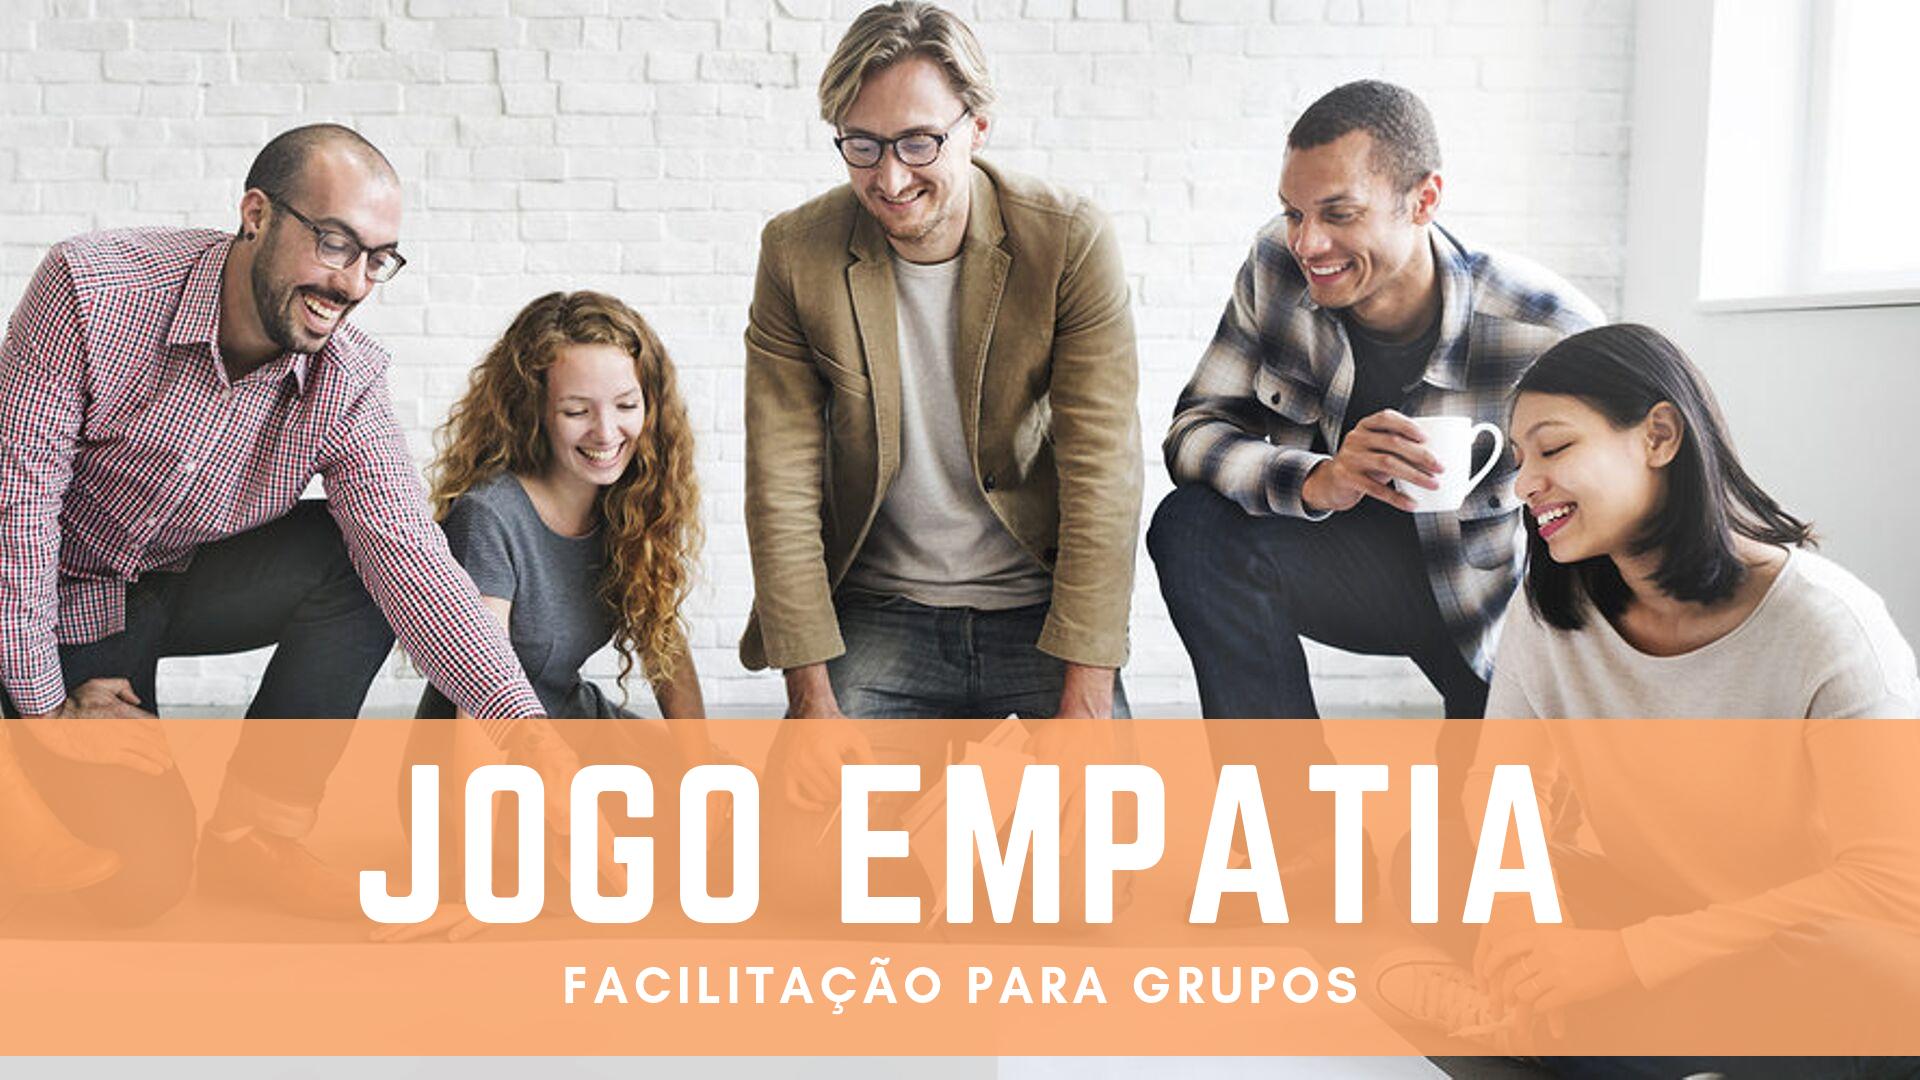 Jogo EMPATIA: facilitação de grupos